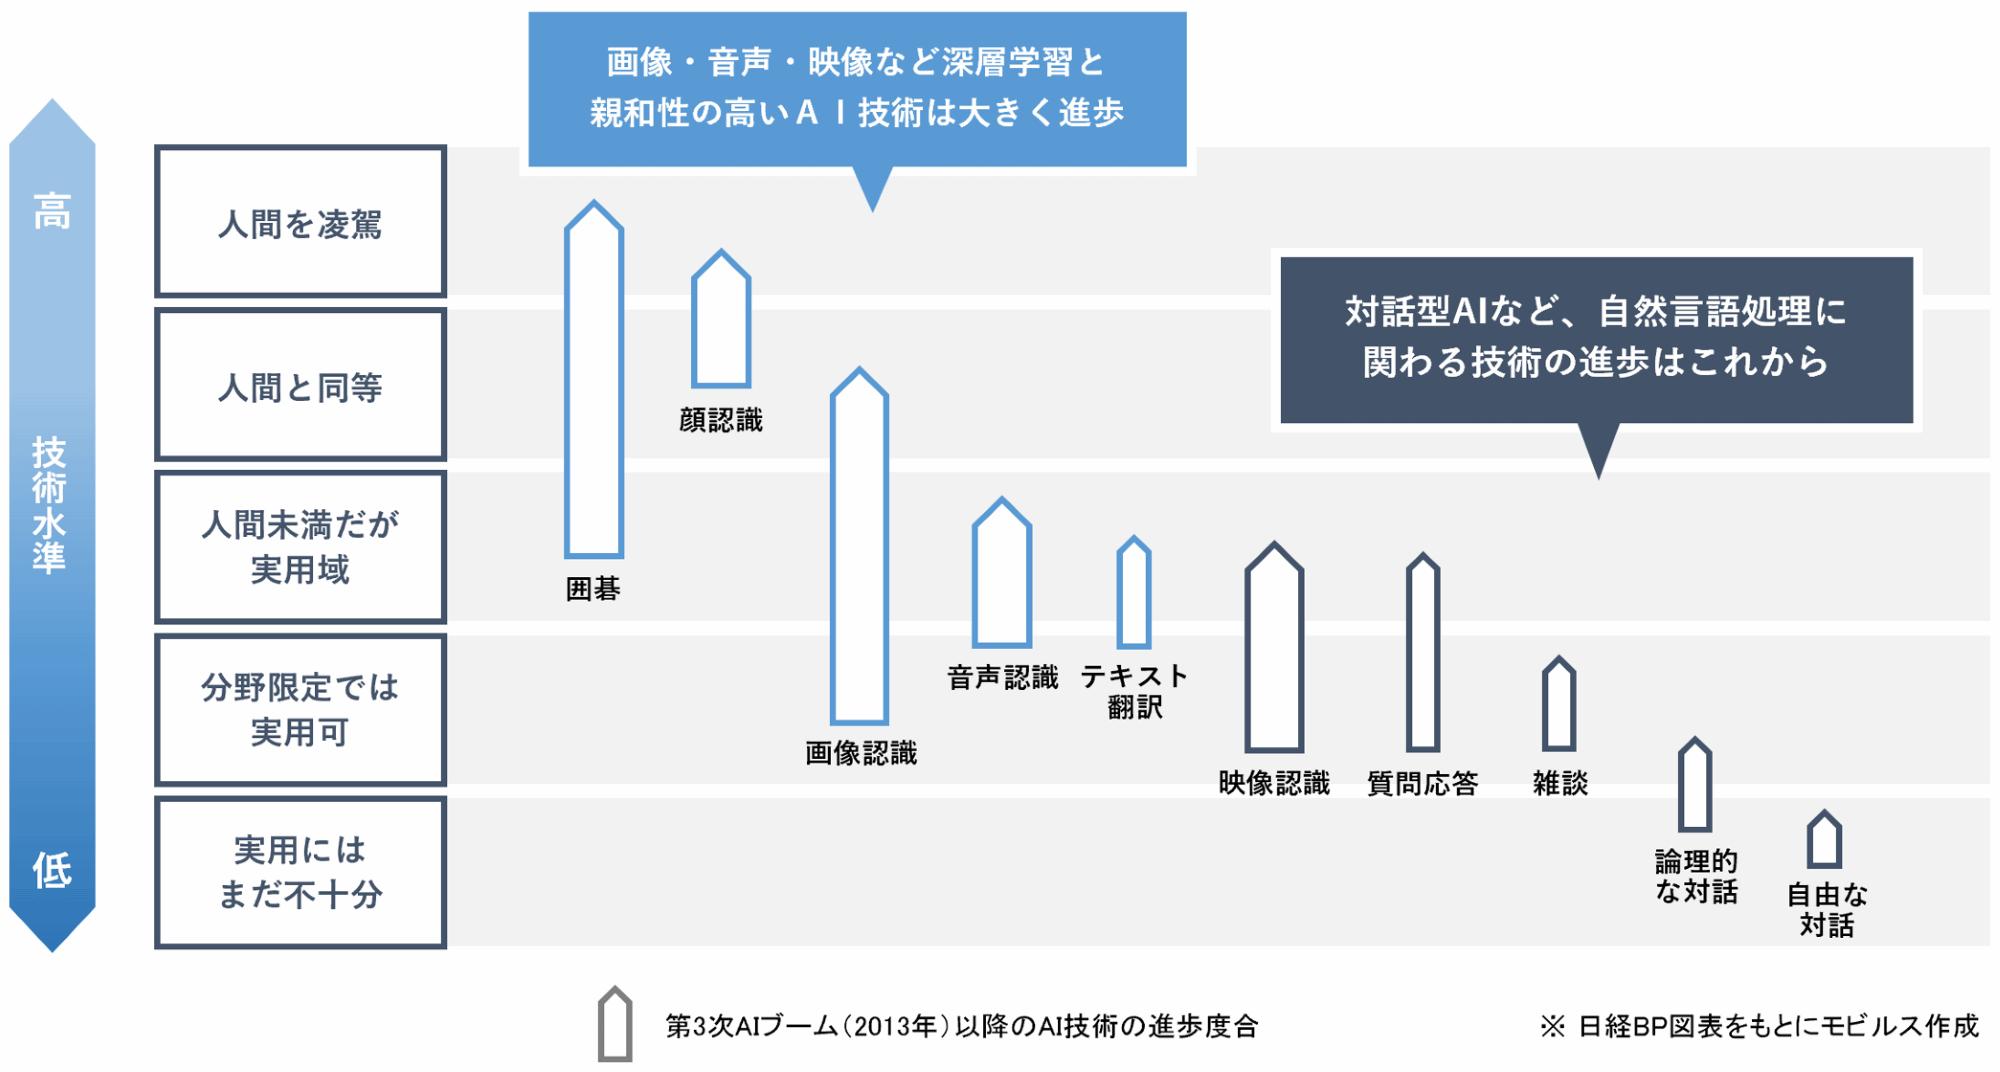 AIの発展度合いは領域によって異なる